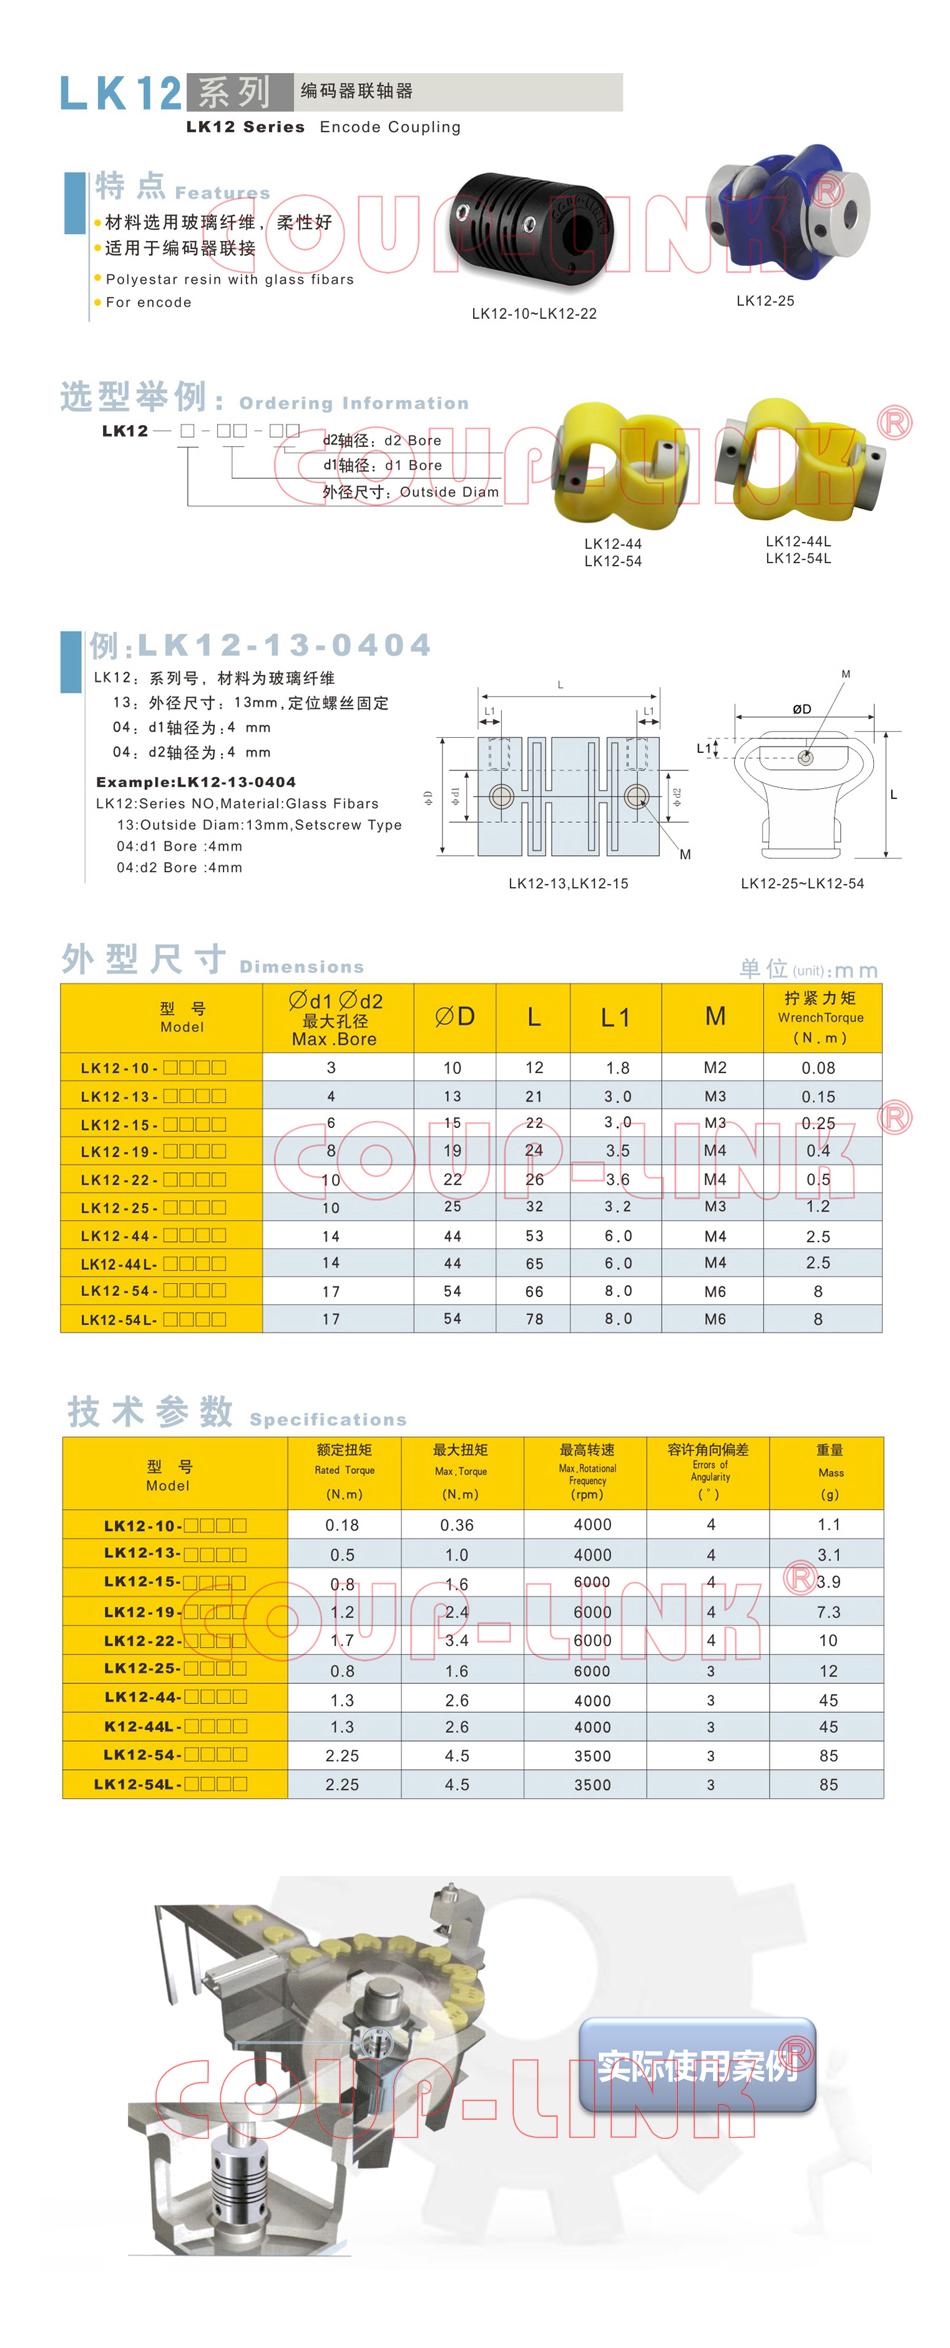 LK12系列 編碼器老子有钱app_老子有钱app種類-廣州老子有钱自動化設備有限公司